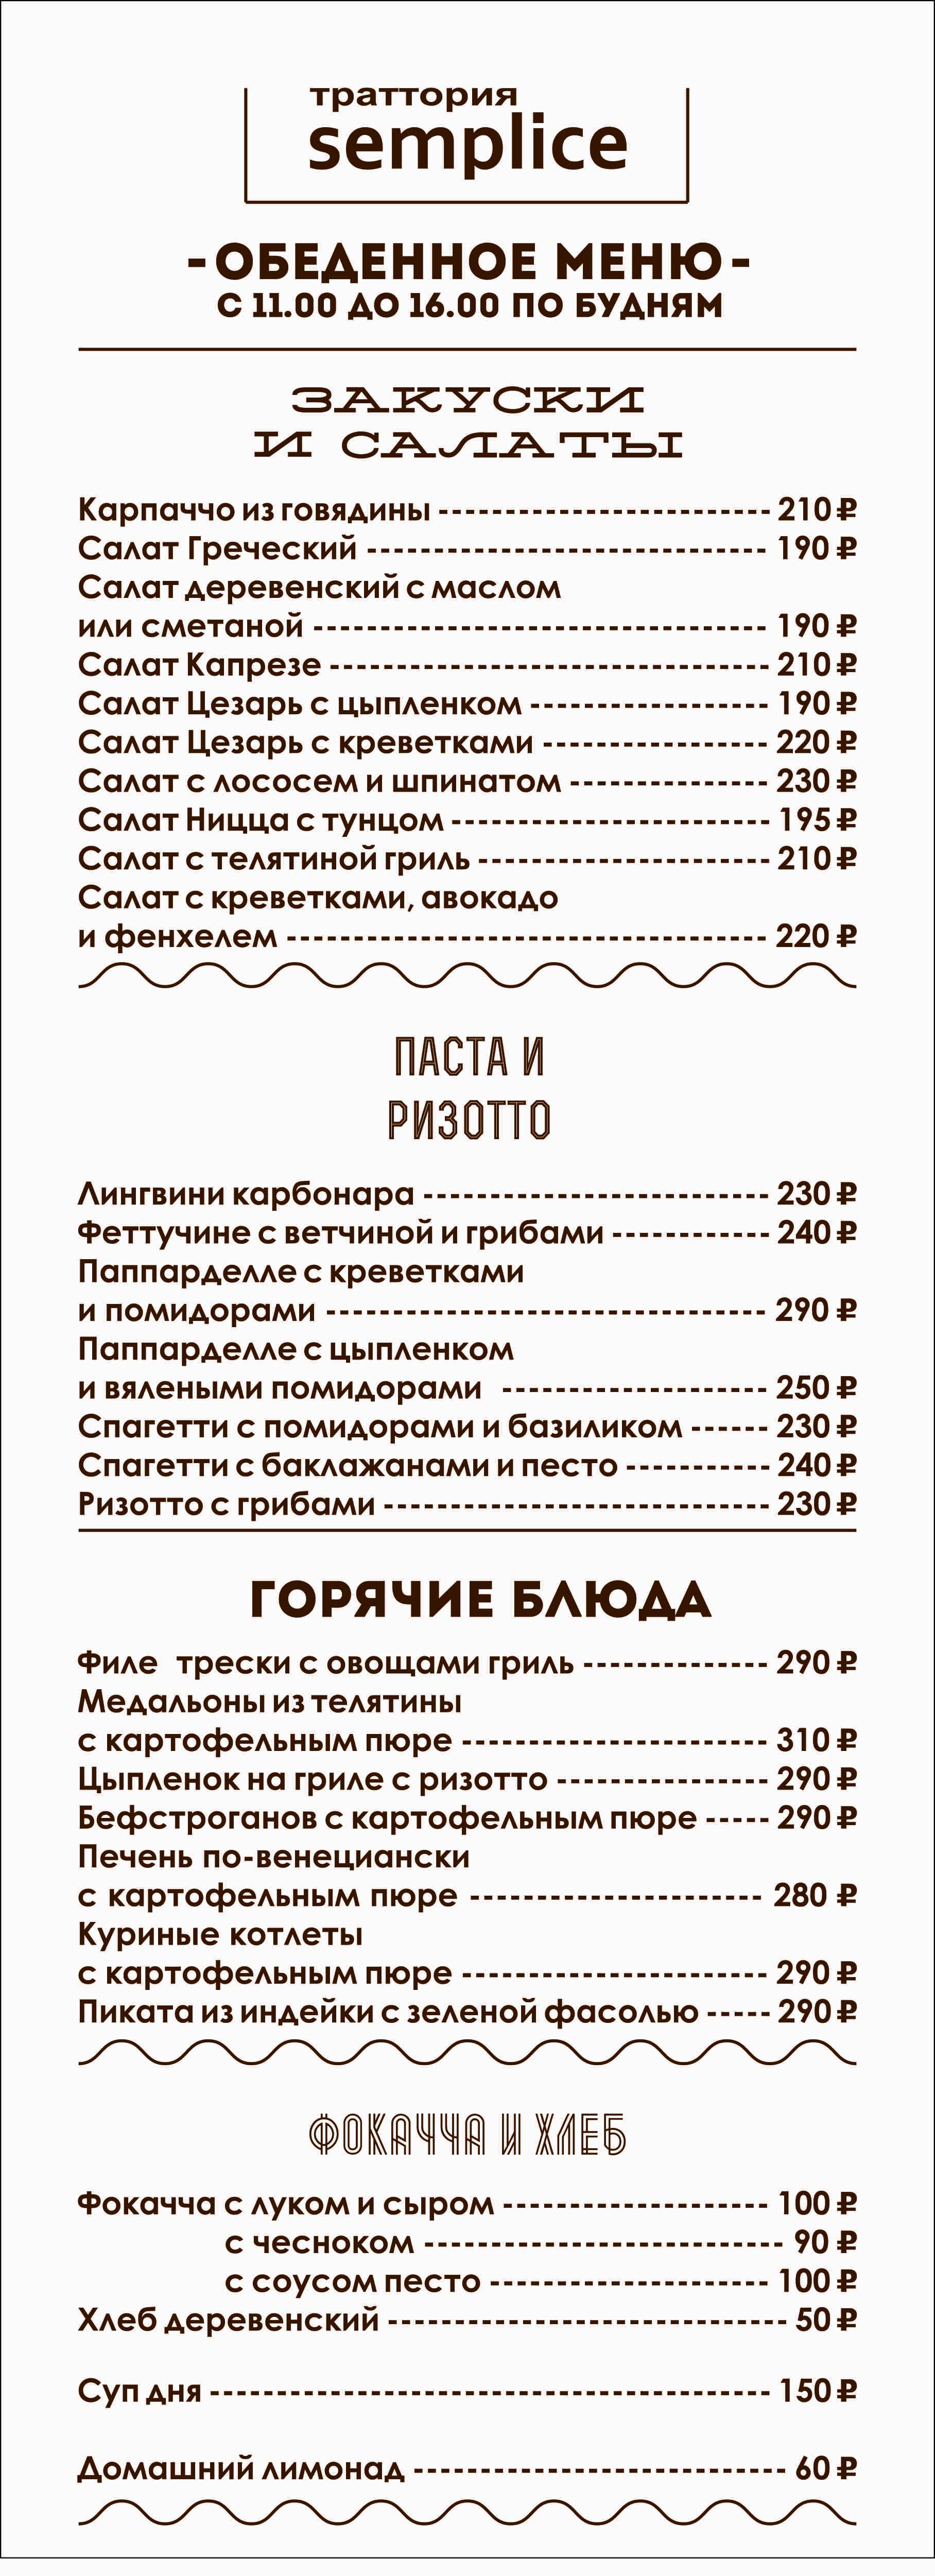 Обед меню_26_01_16_кривые